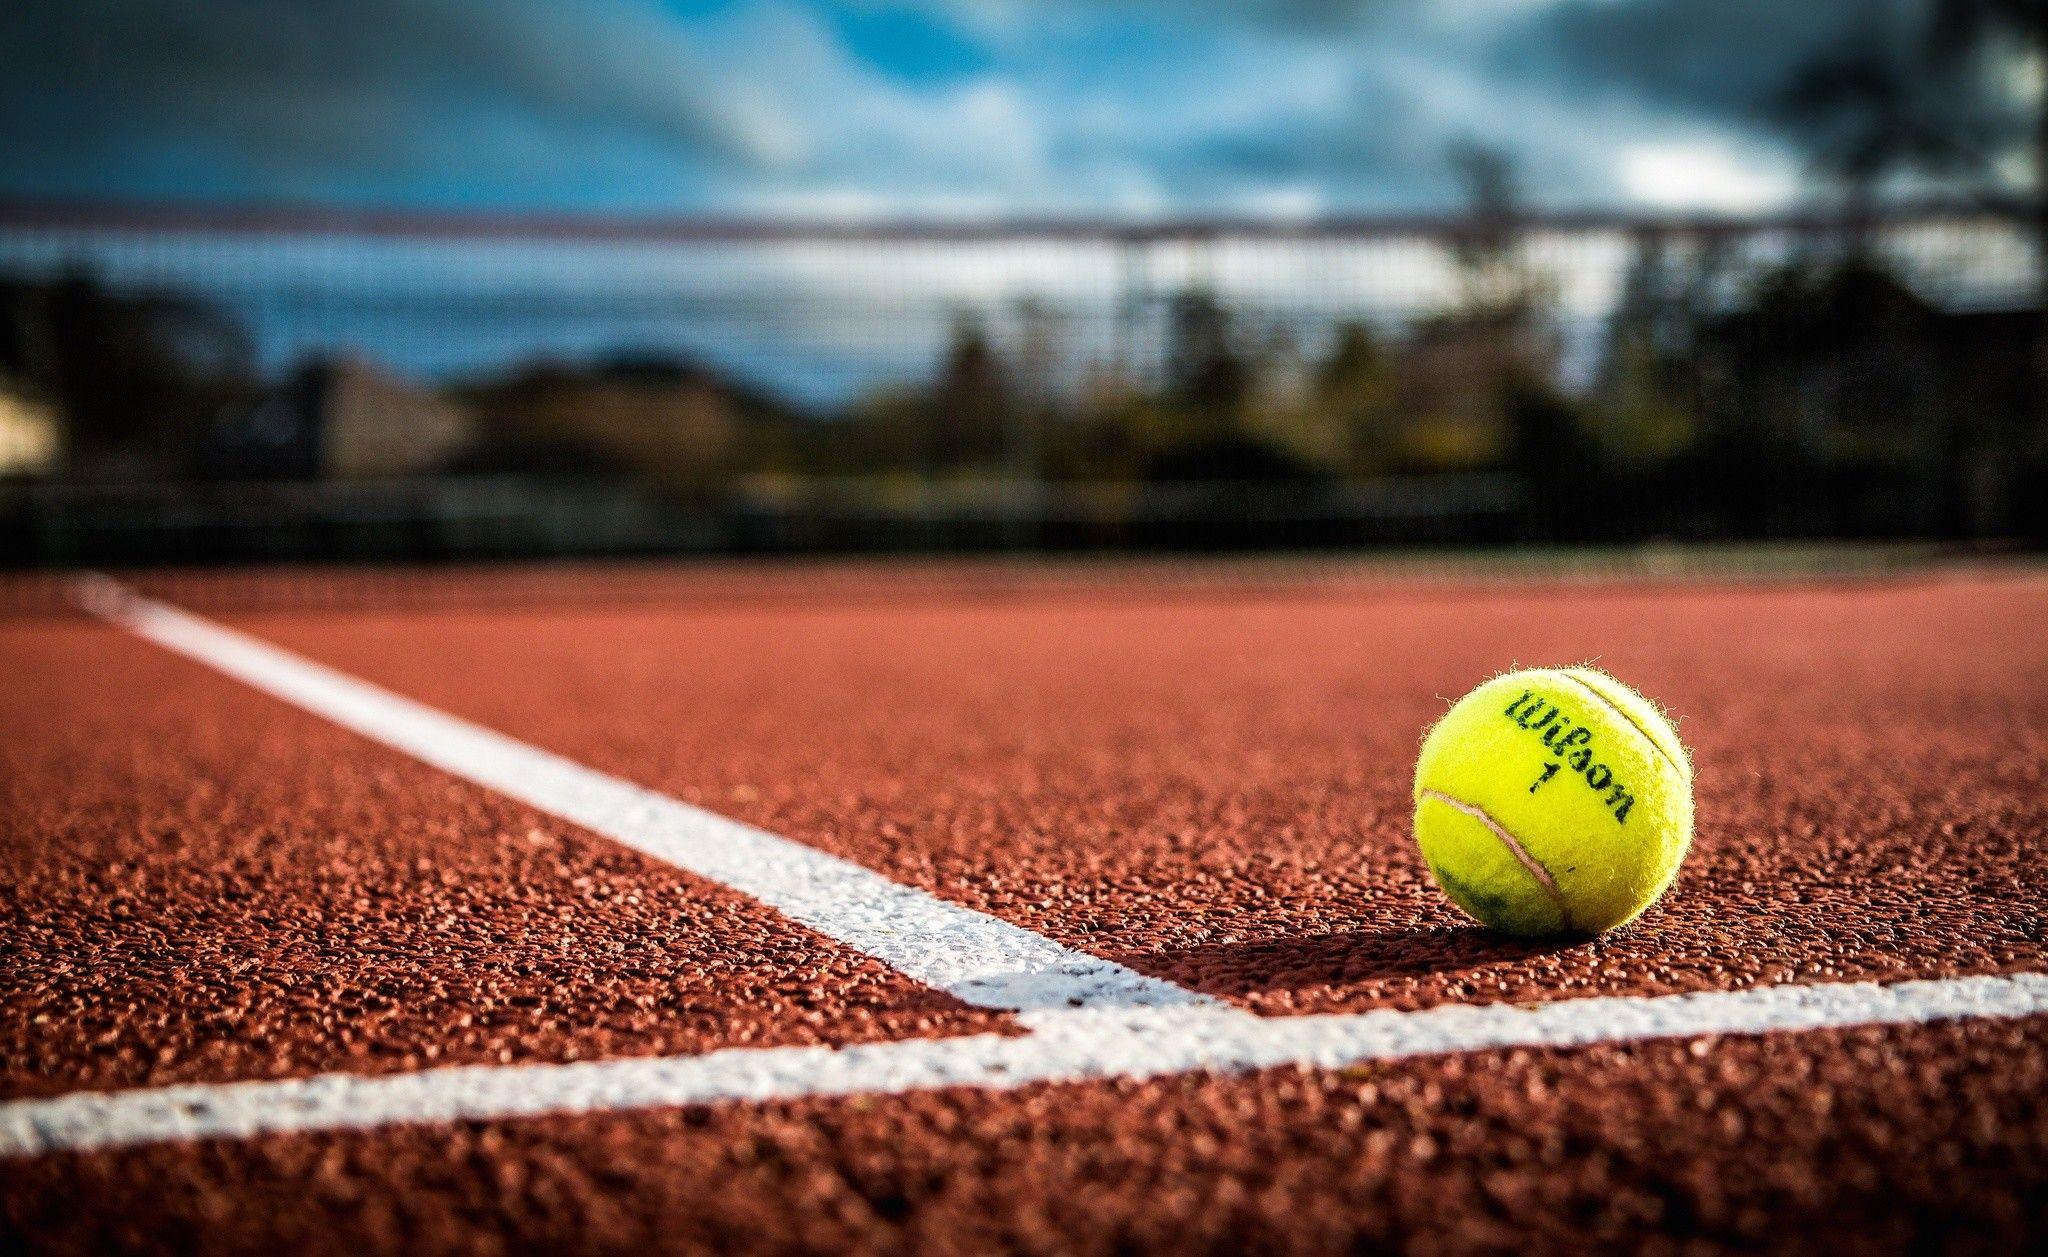 Tenis igrišče